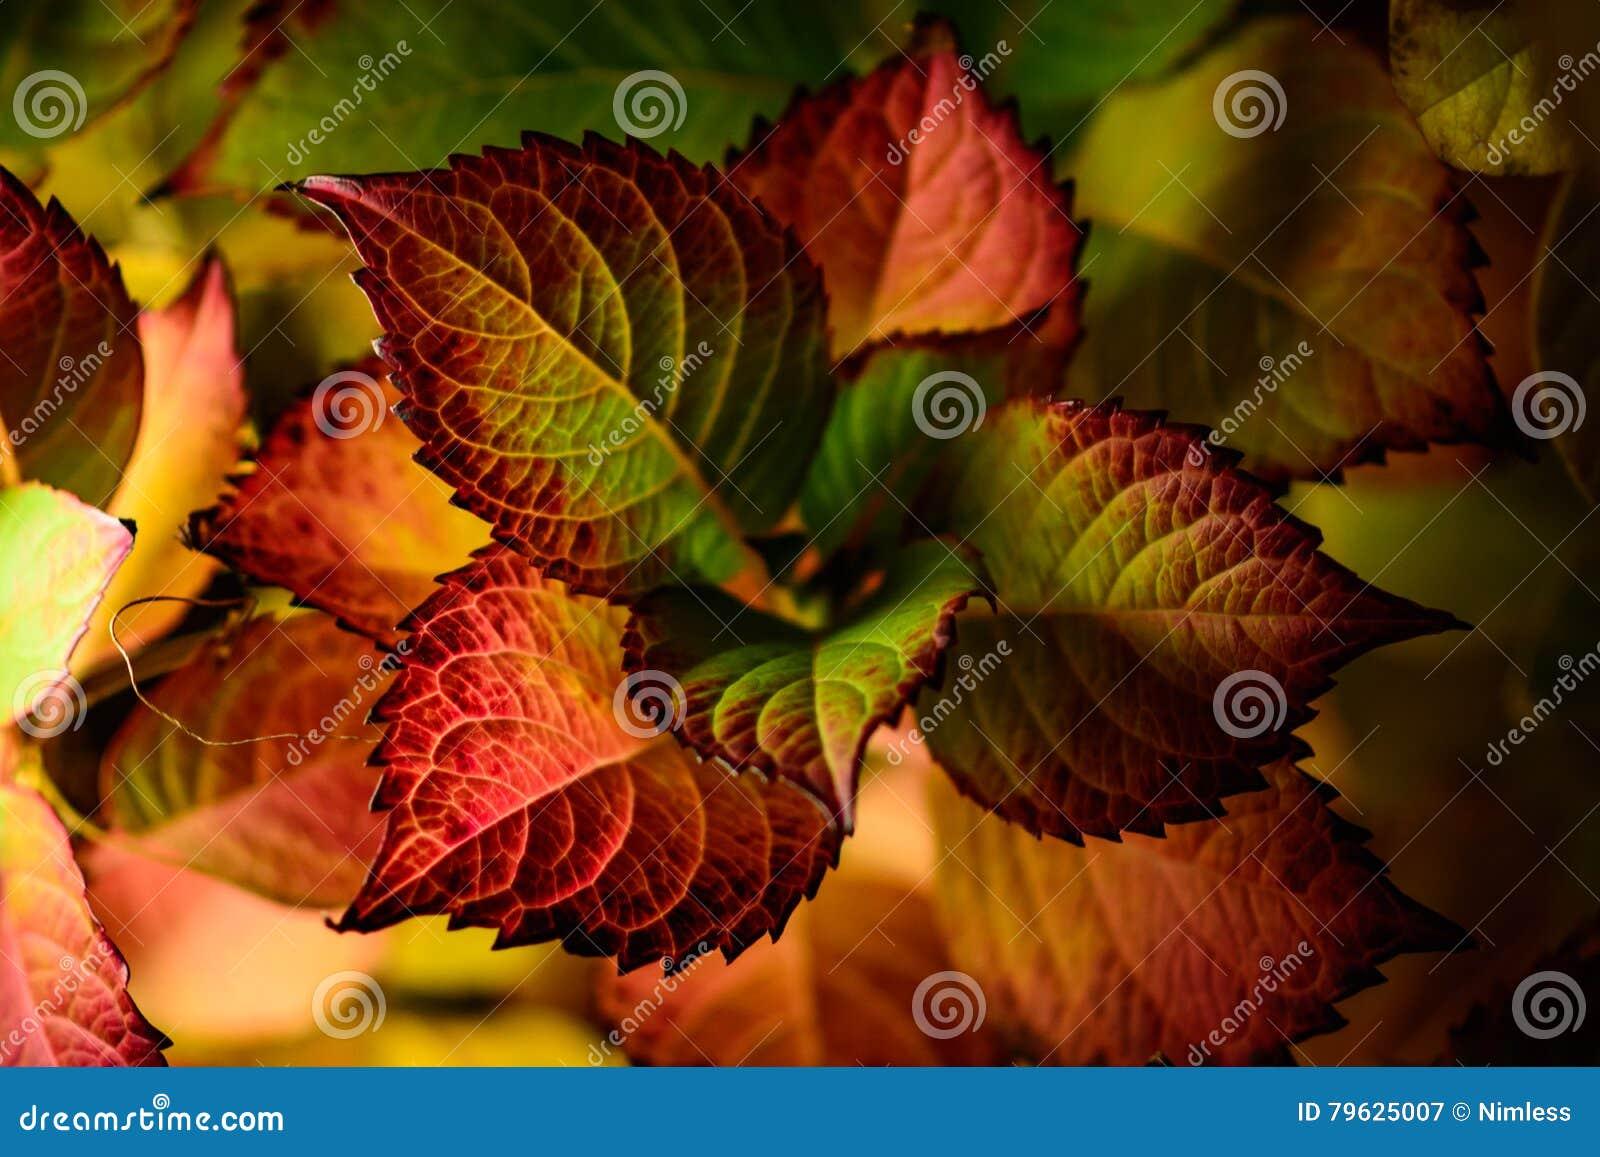 Pianta Foglie Rosse E Verdi pianta con le foglie rosse e verdi immagine stock - immagine